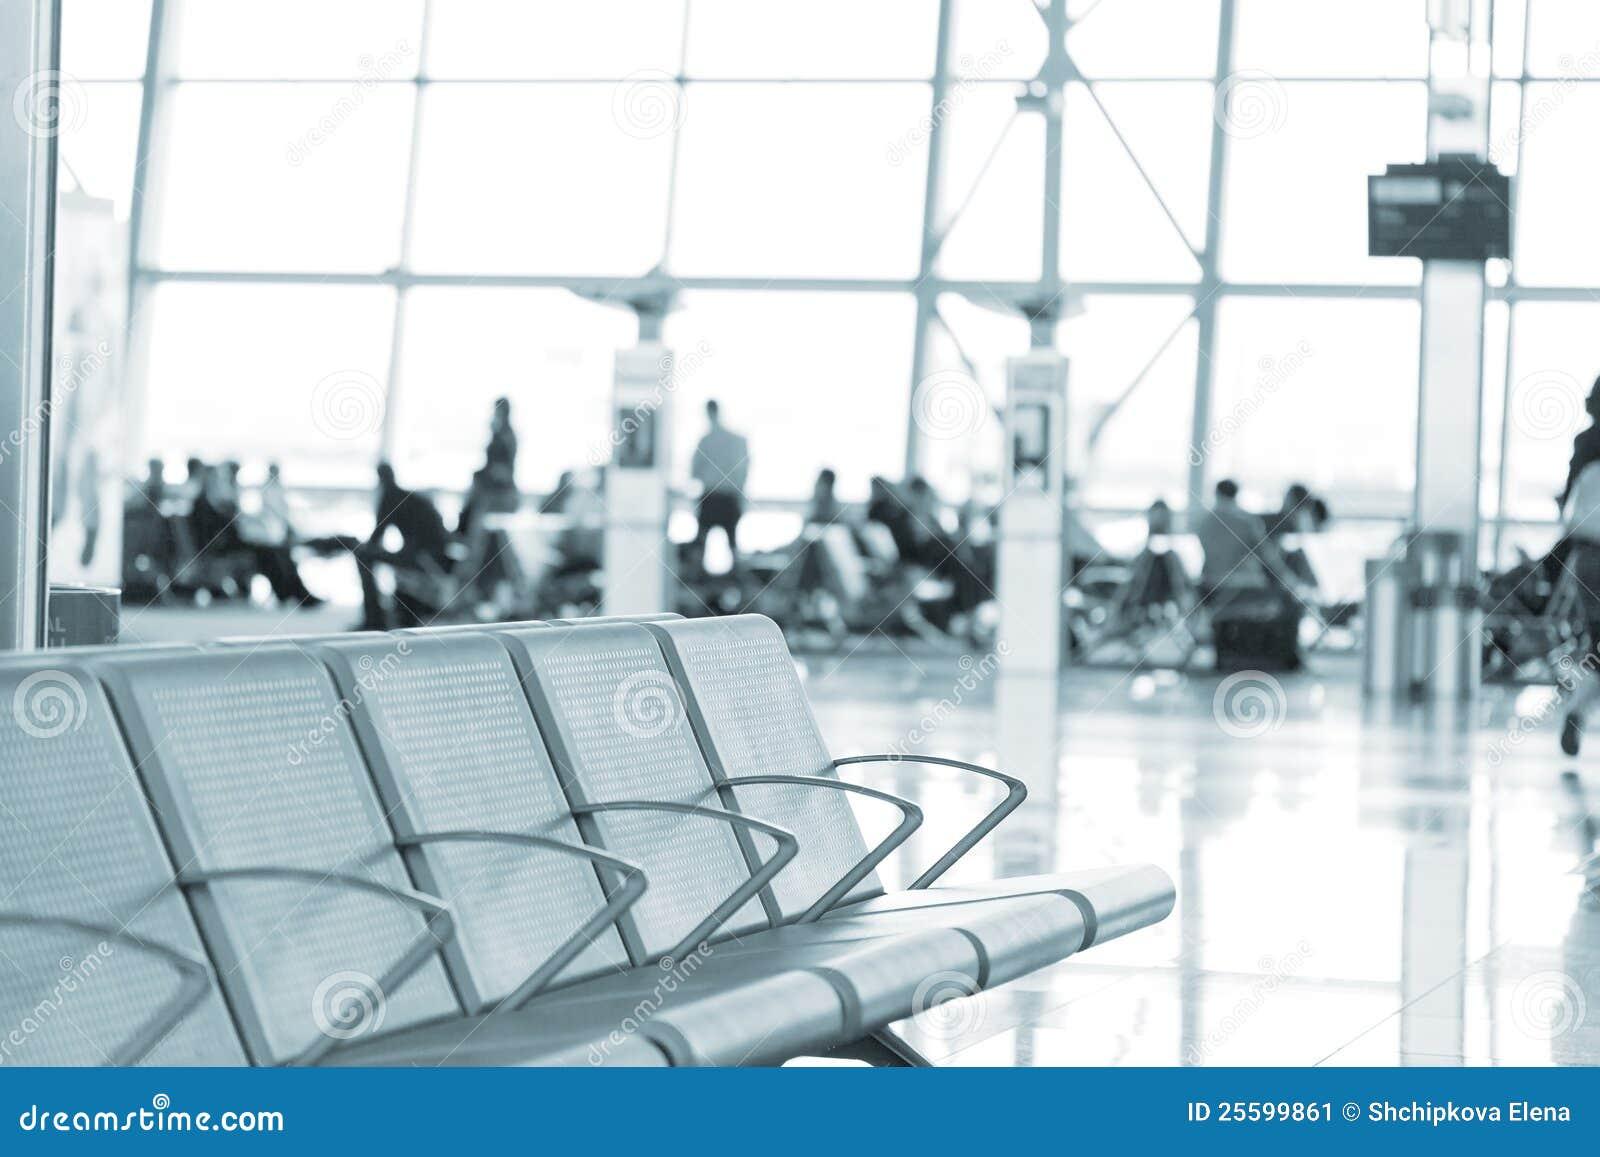 Het binnenland van de luchthaven in Brussel